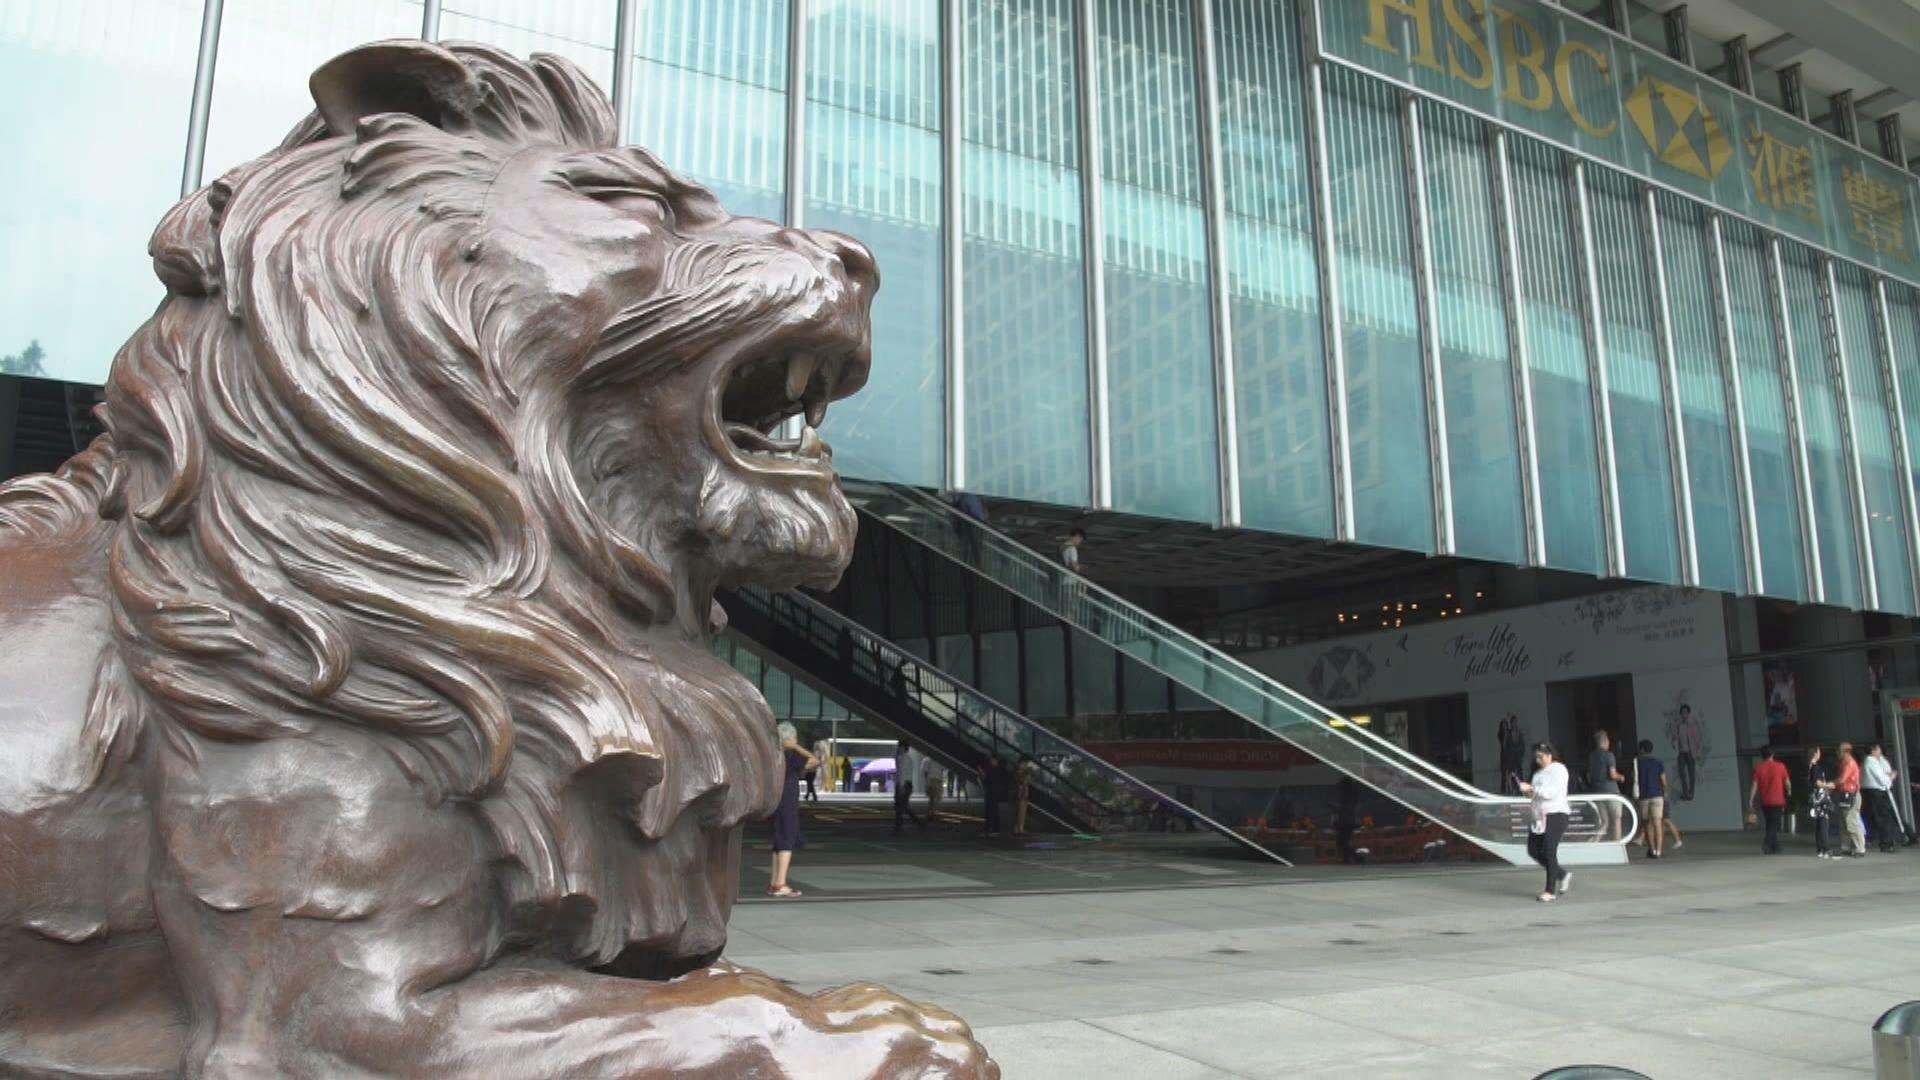 滙豐推措施助企業緩短期資金壓力 涉逾300億元